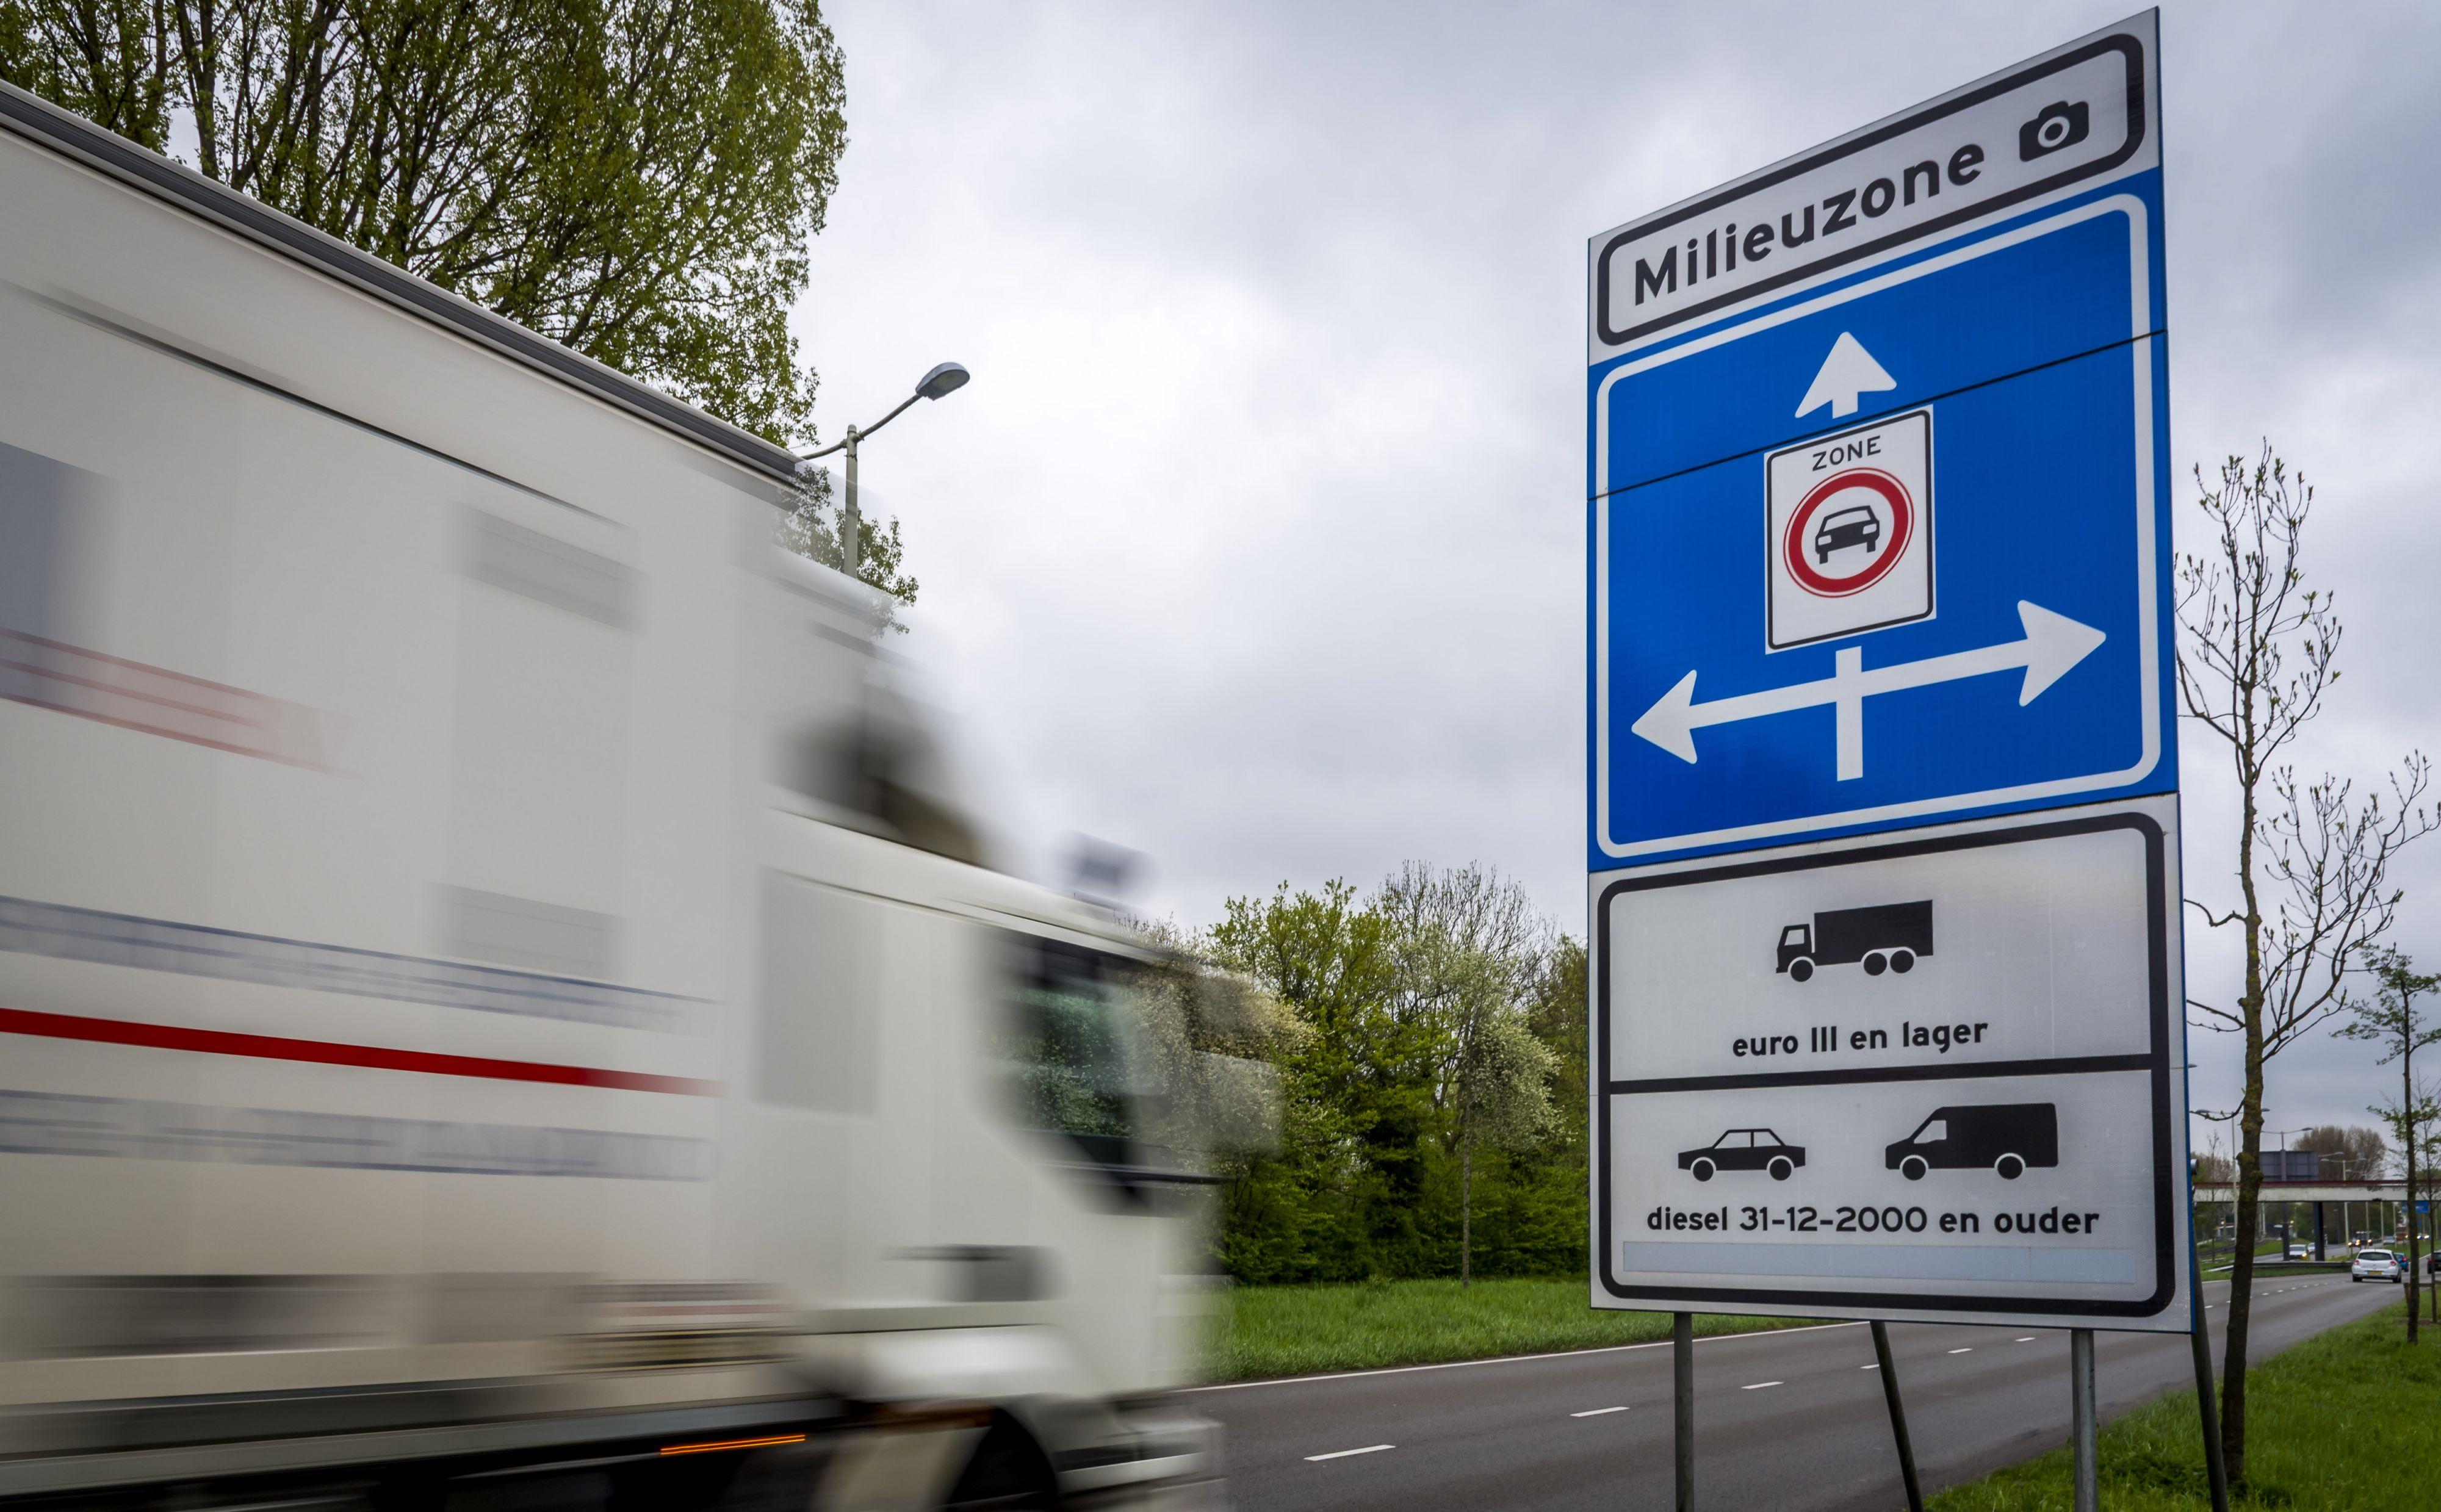 Nieuwe verkeersregels amper bekend